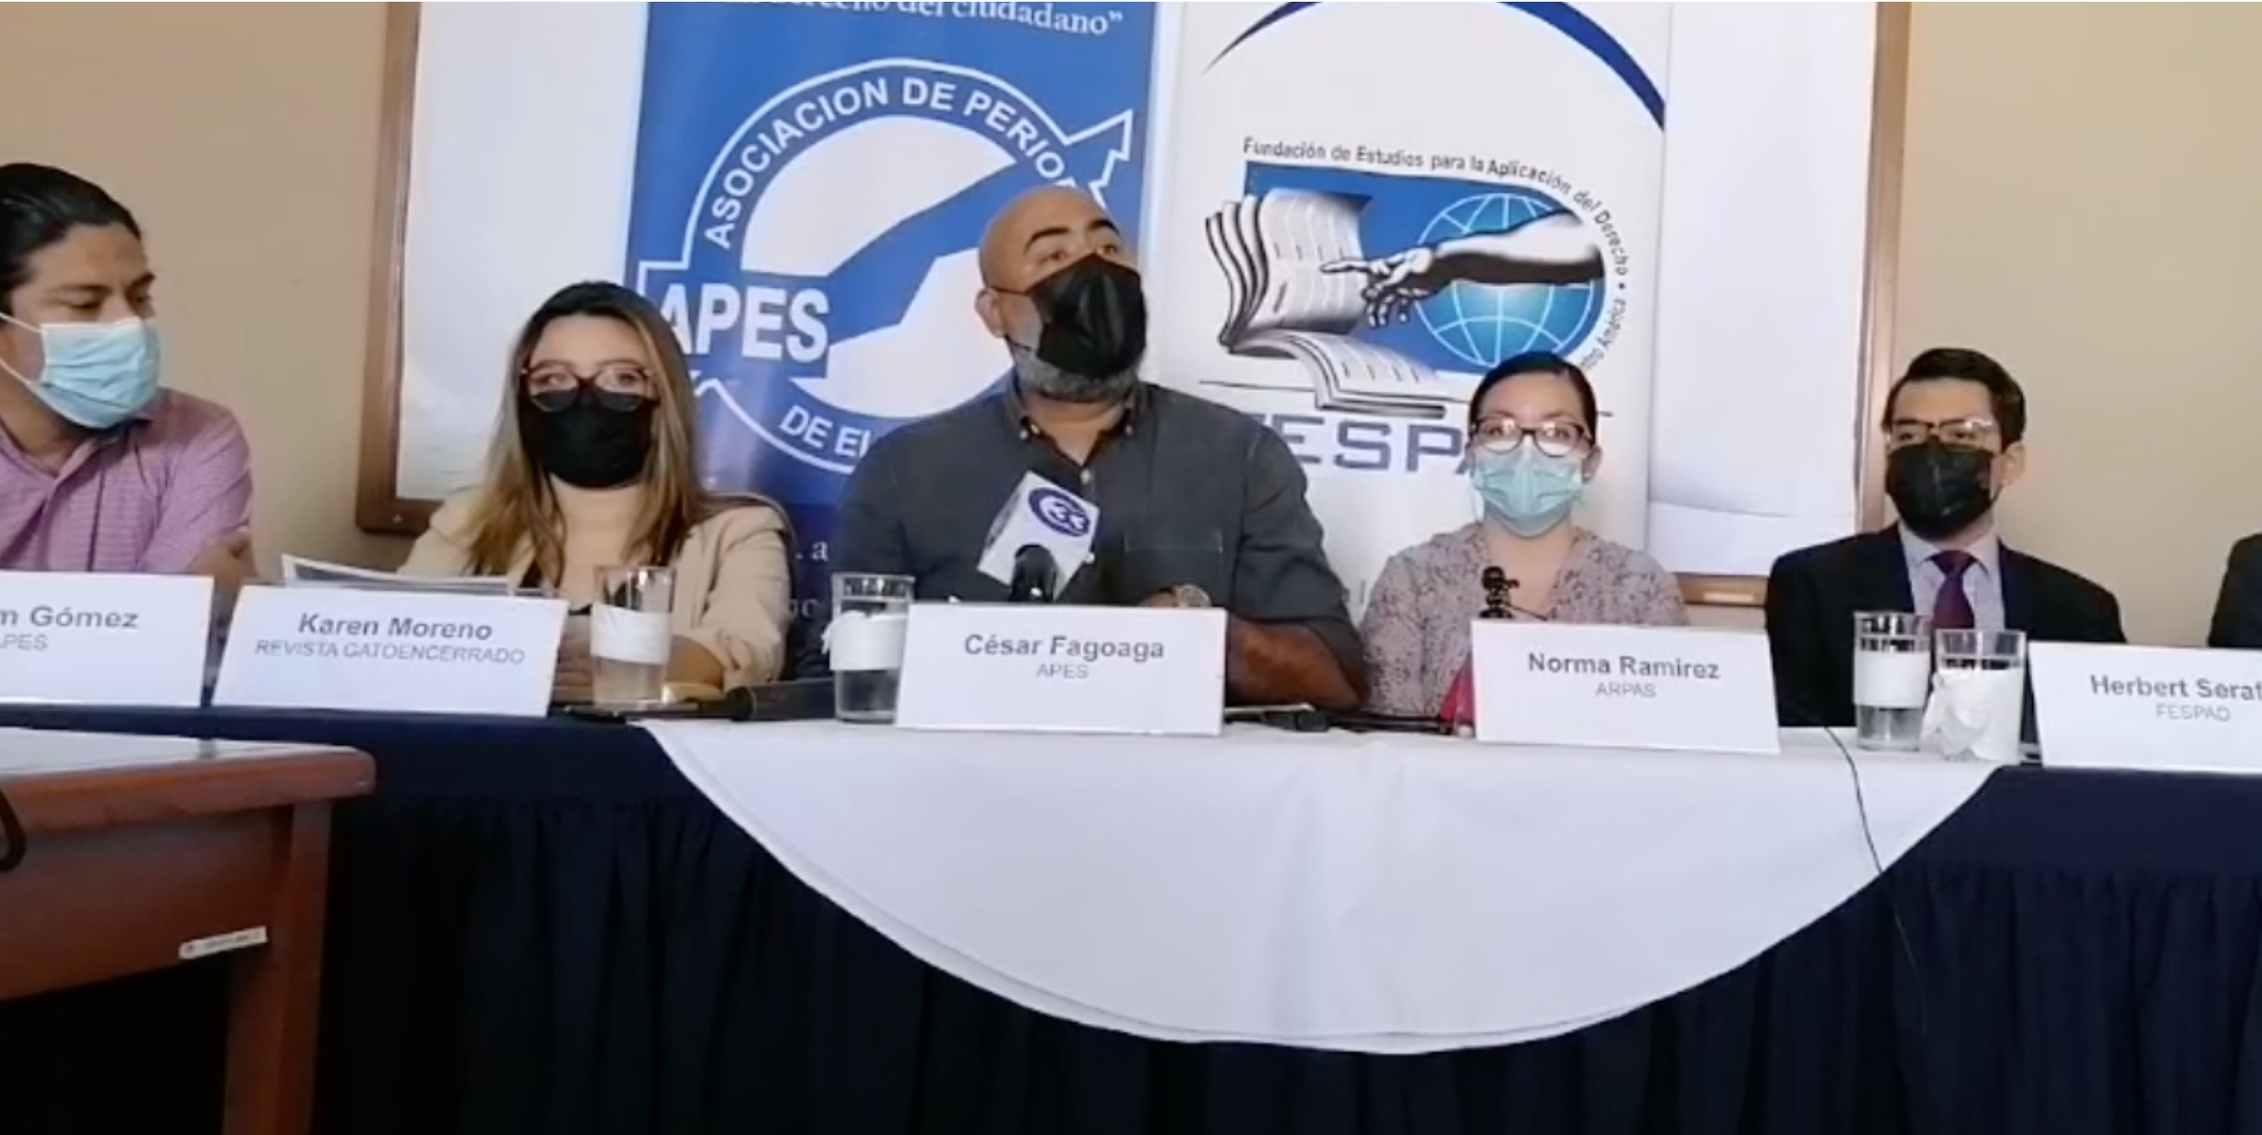 El Salvador: En pocos días se registraron varias agresiones a periodistas por parte de funcionarios de gobierno